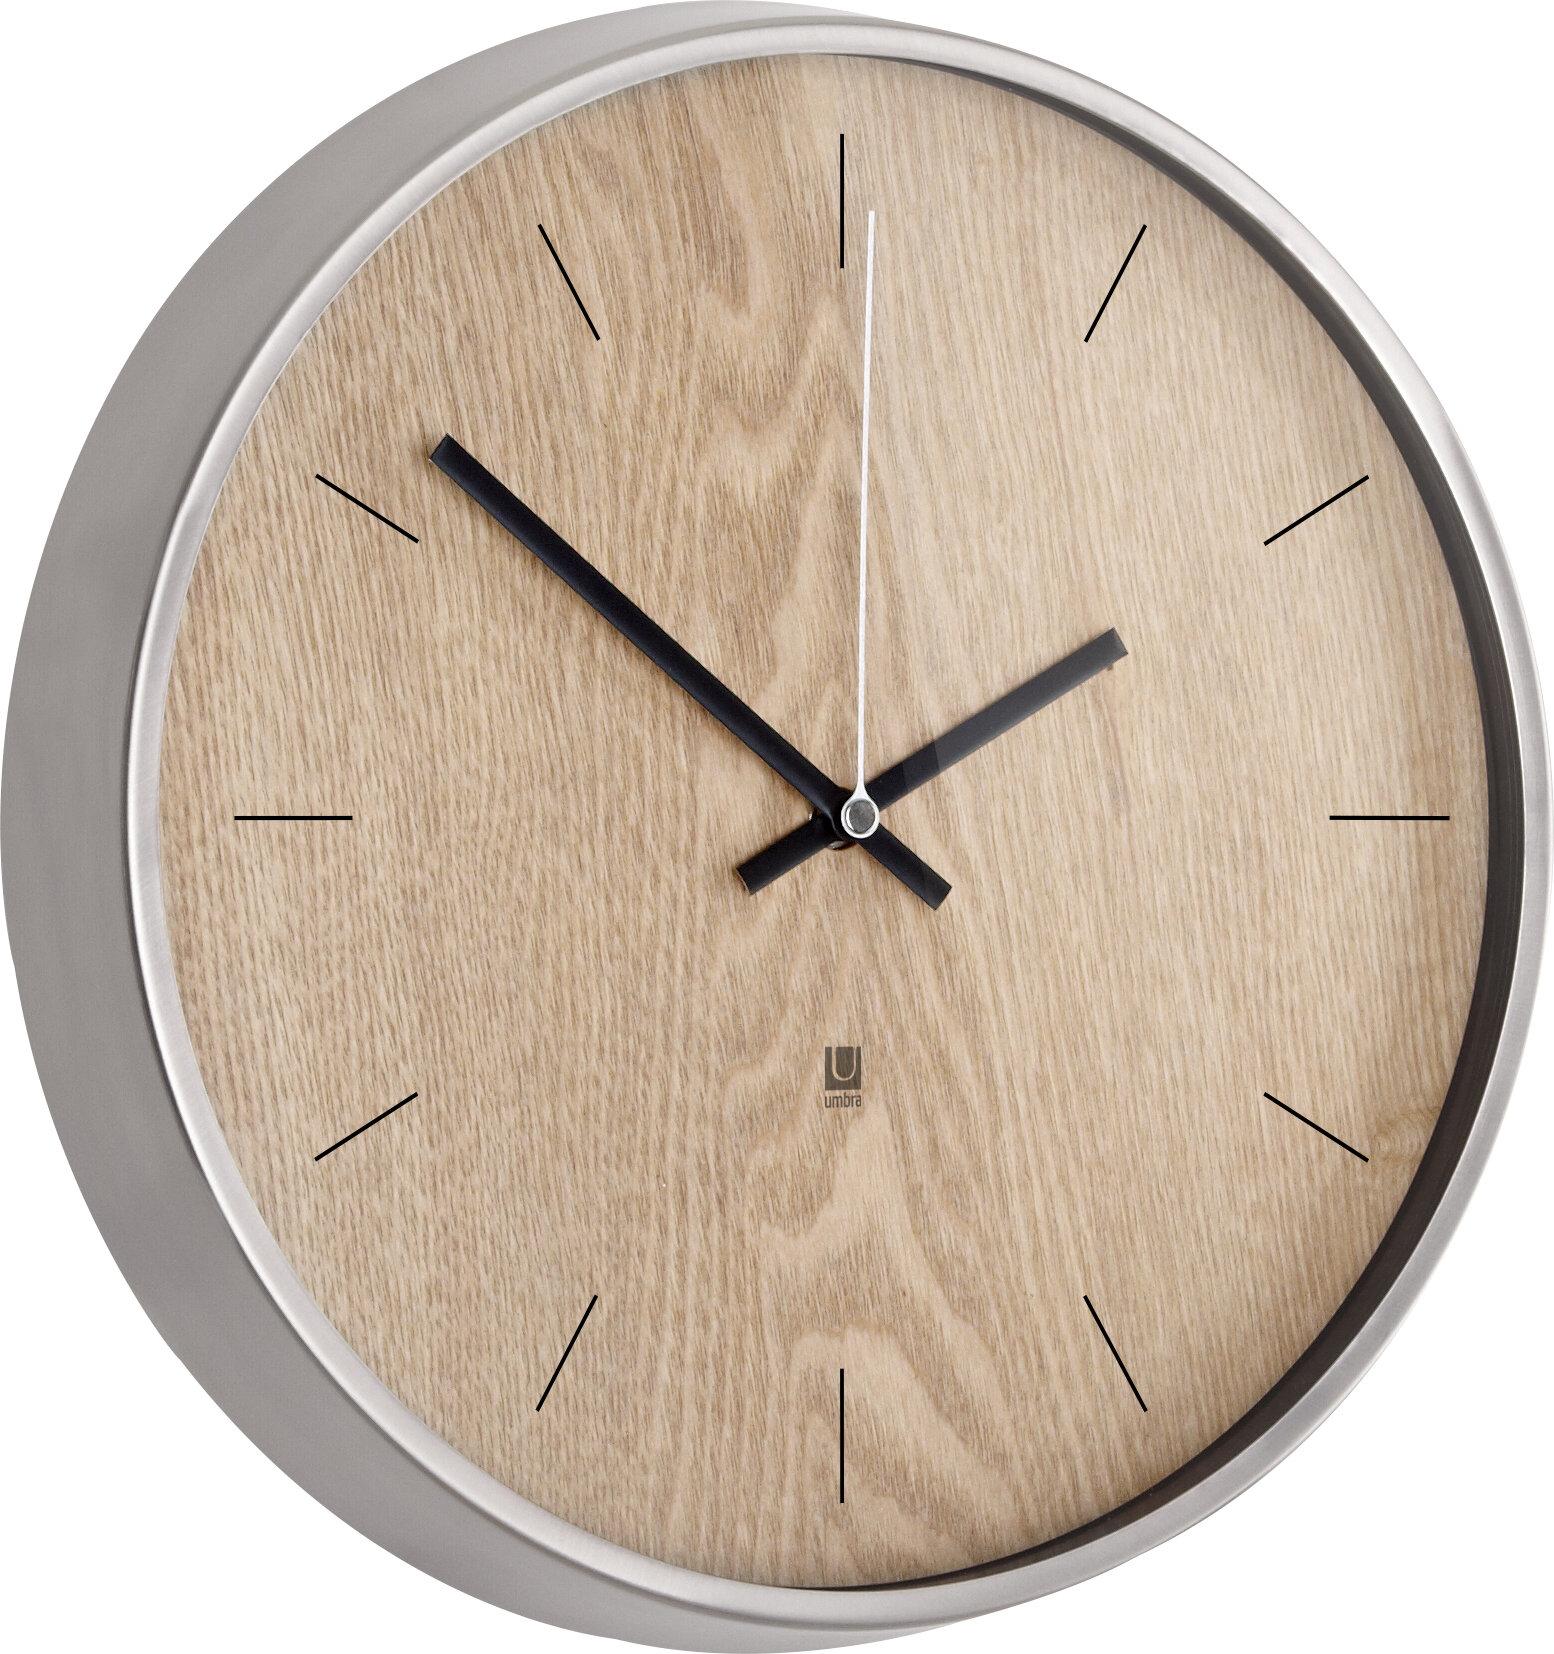 Madera 1275 Wall Clock Reviews Allmodern